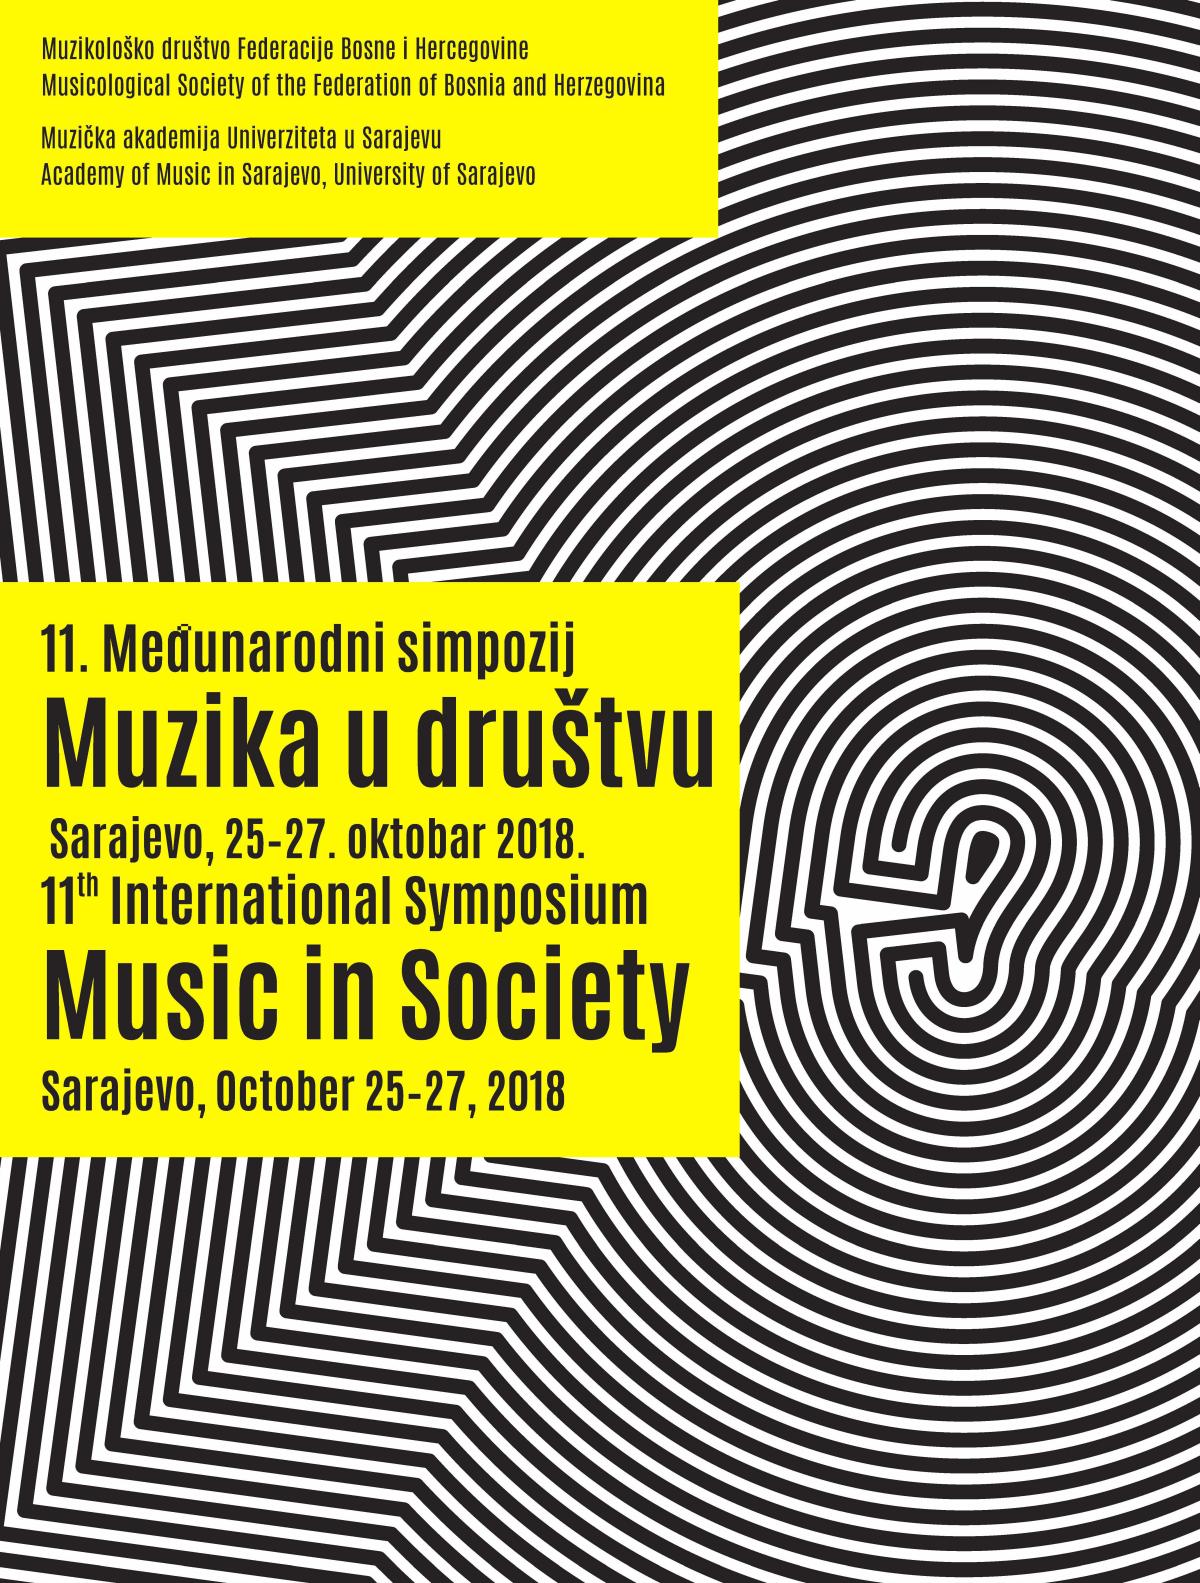 11. Međunarodni muzikološki simpozij MUZIKA U DRUŠTVU, Sarajevo (25. - 27. oktobar 2018.)